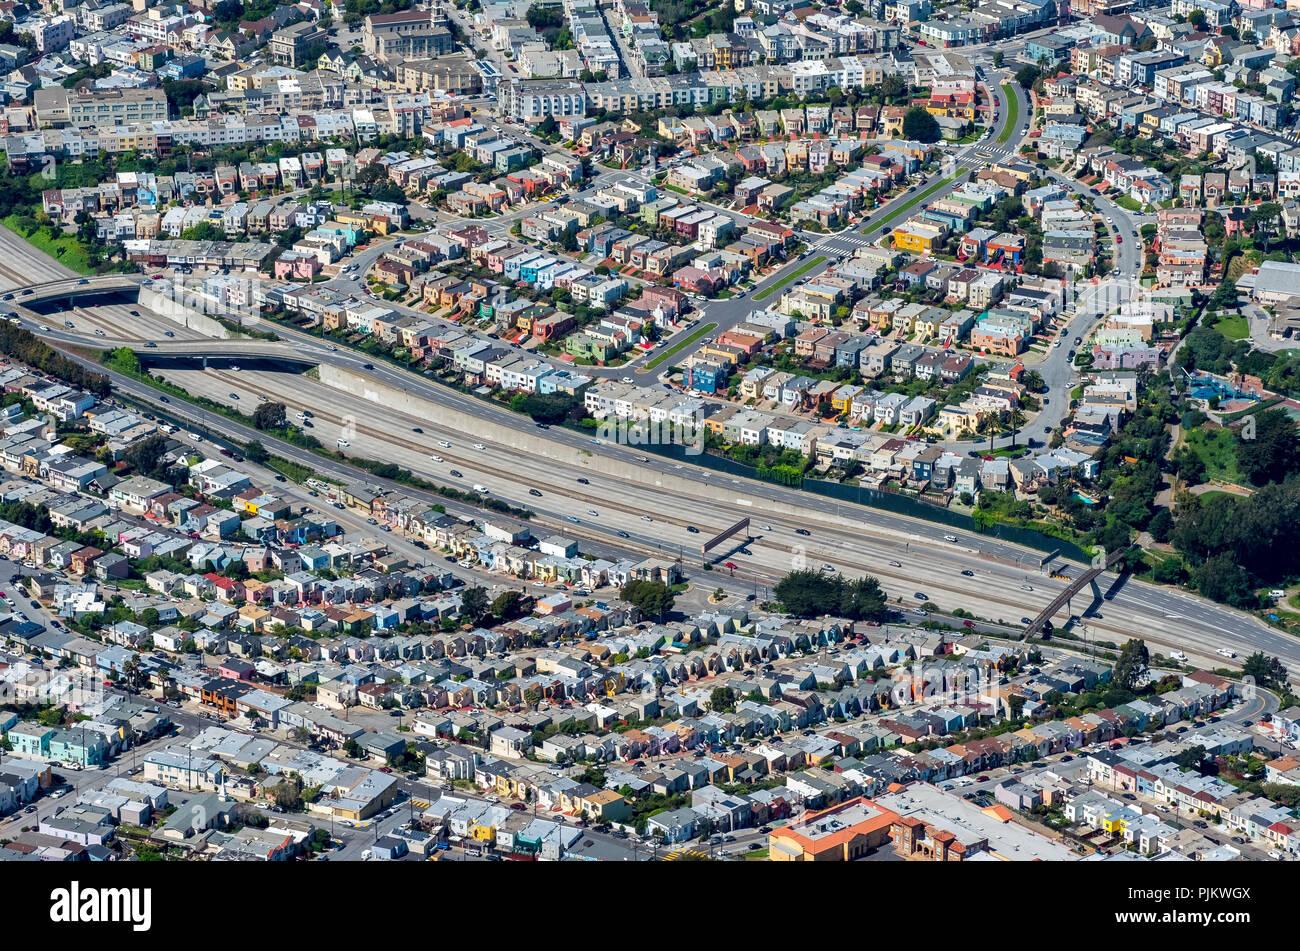 Inmobiliaria vivienda típica americana en la autopista, la contaminación acústica, ruidoso barrio, al sur de San Francisco, el área de la Bahía de San Francisco, Estados Unidos de América, California, EE.UU. Imagen De Stock